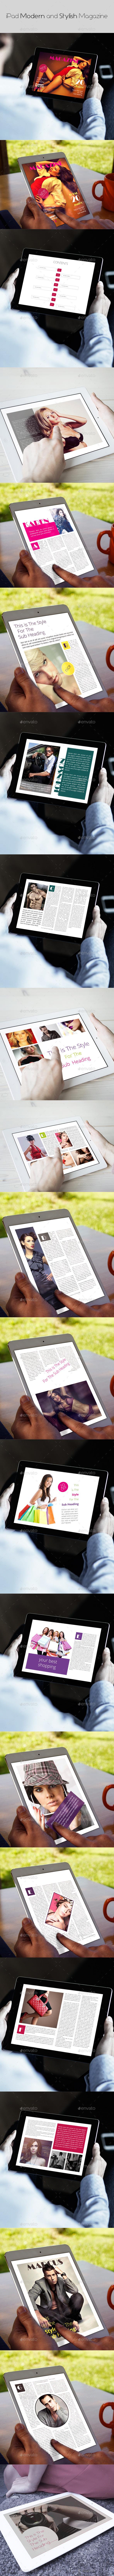 iPad Modern and Stylish Magazine - Digital Magazines ePublishing